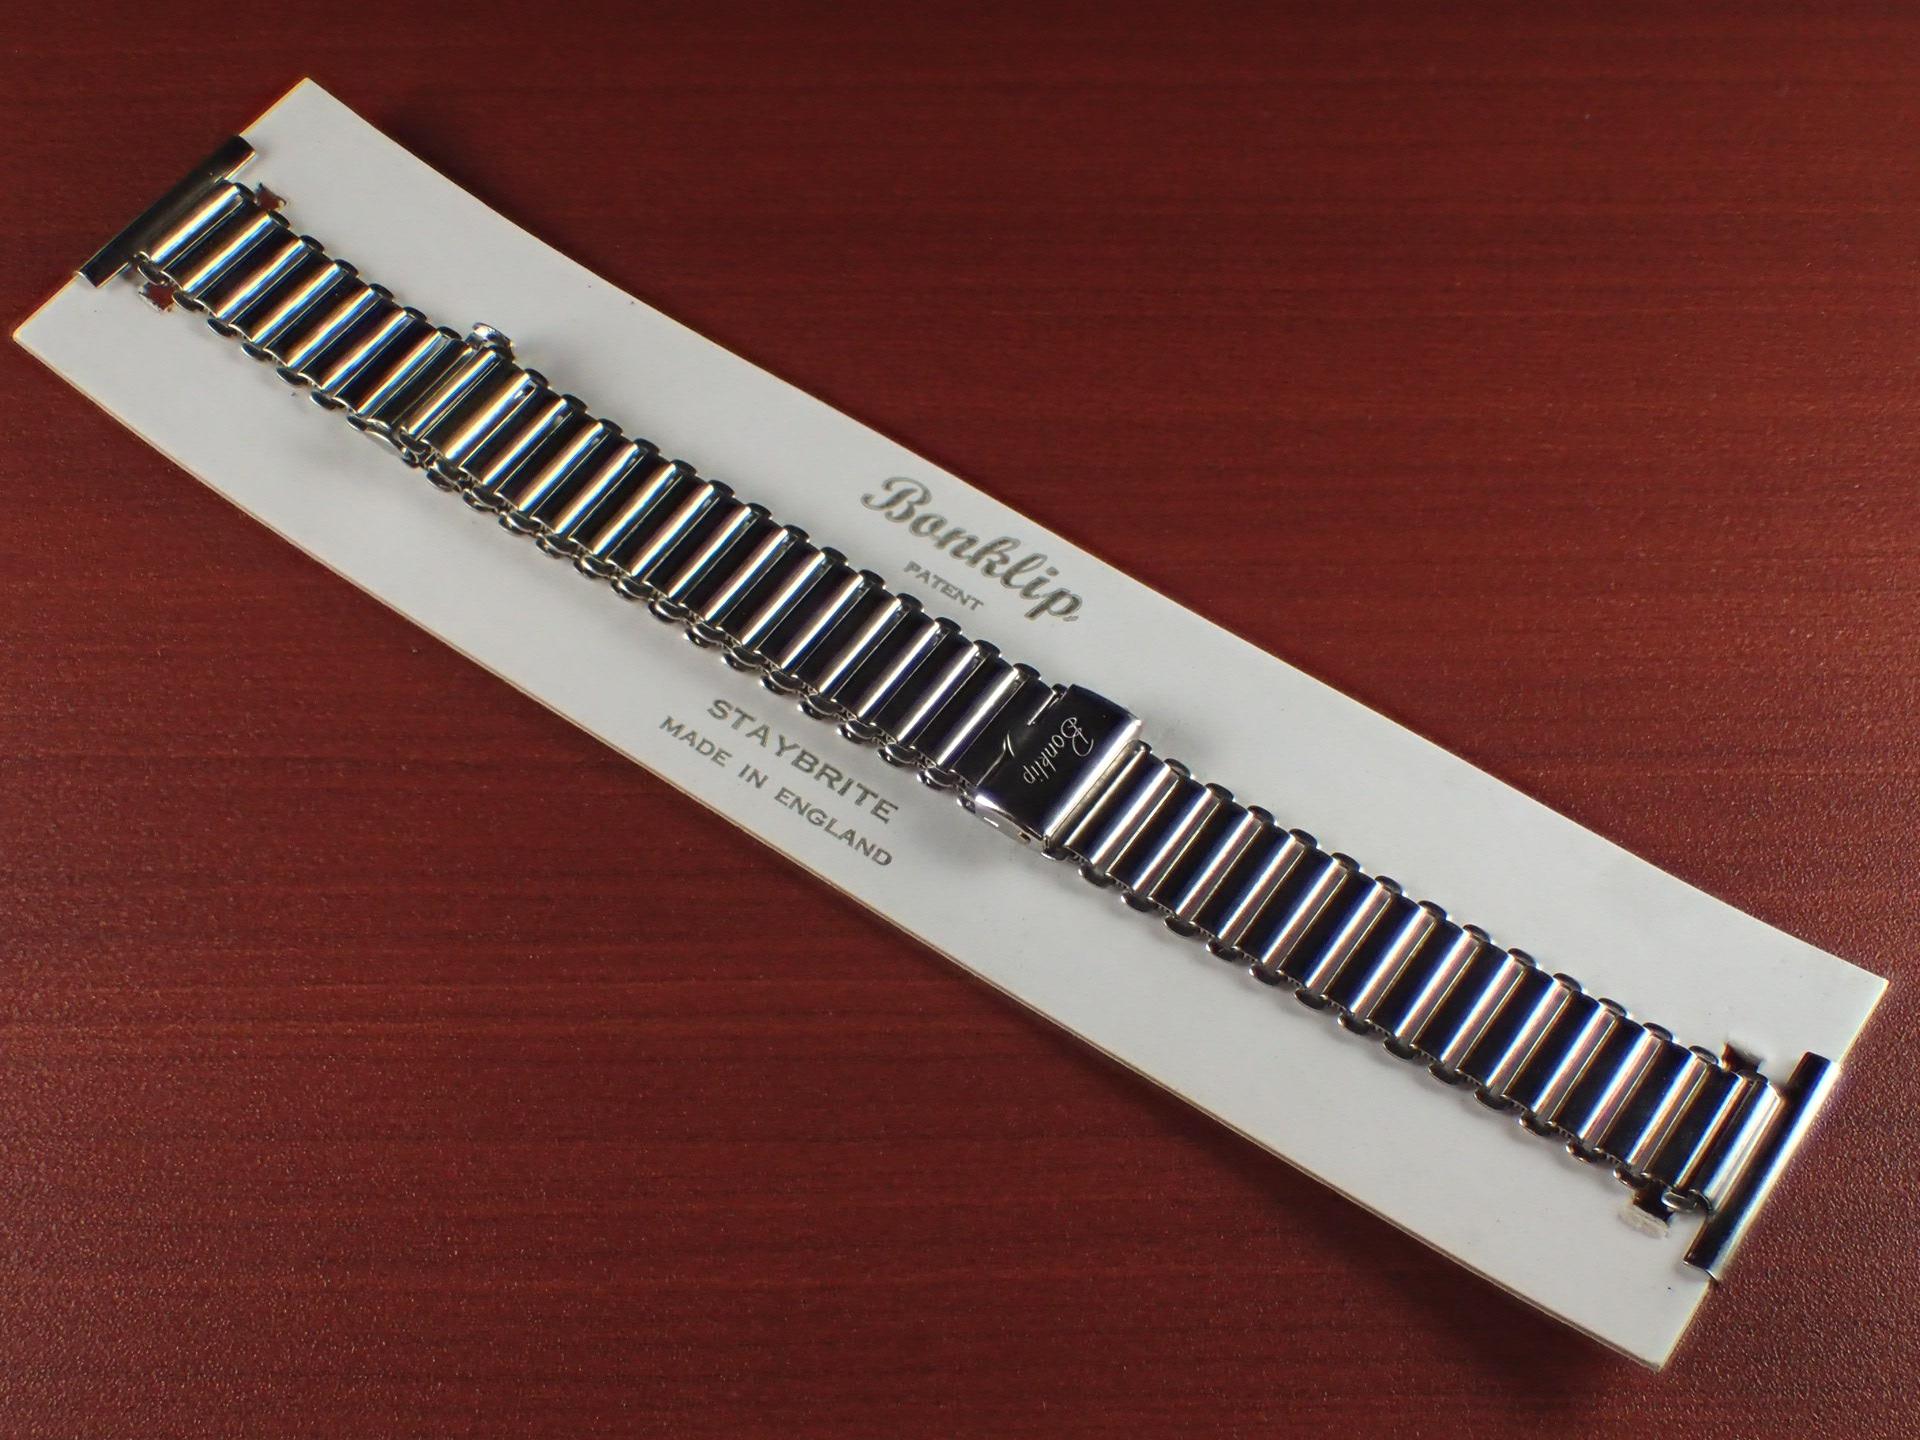 ボンクリップ バンブーブレス NOS 筆記体ロゴ リンク13mm 取付幅20mm SS 1940年代のメイン写真